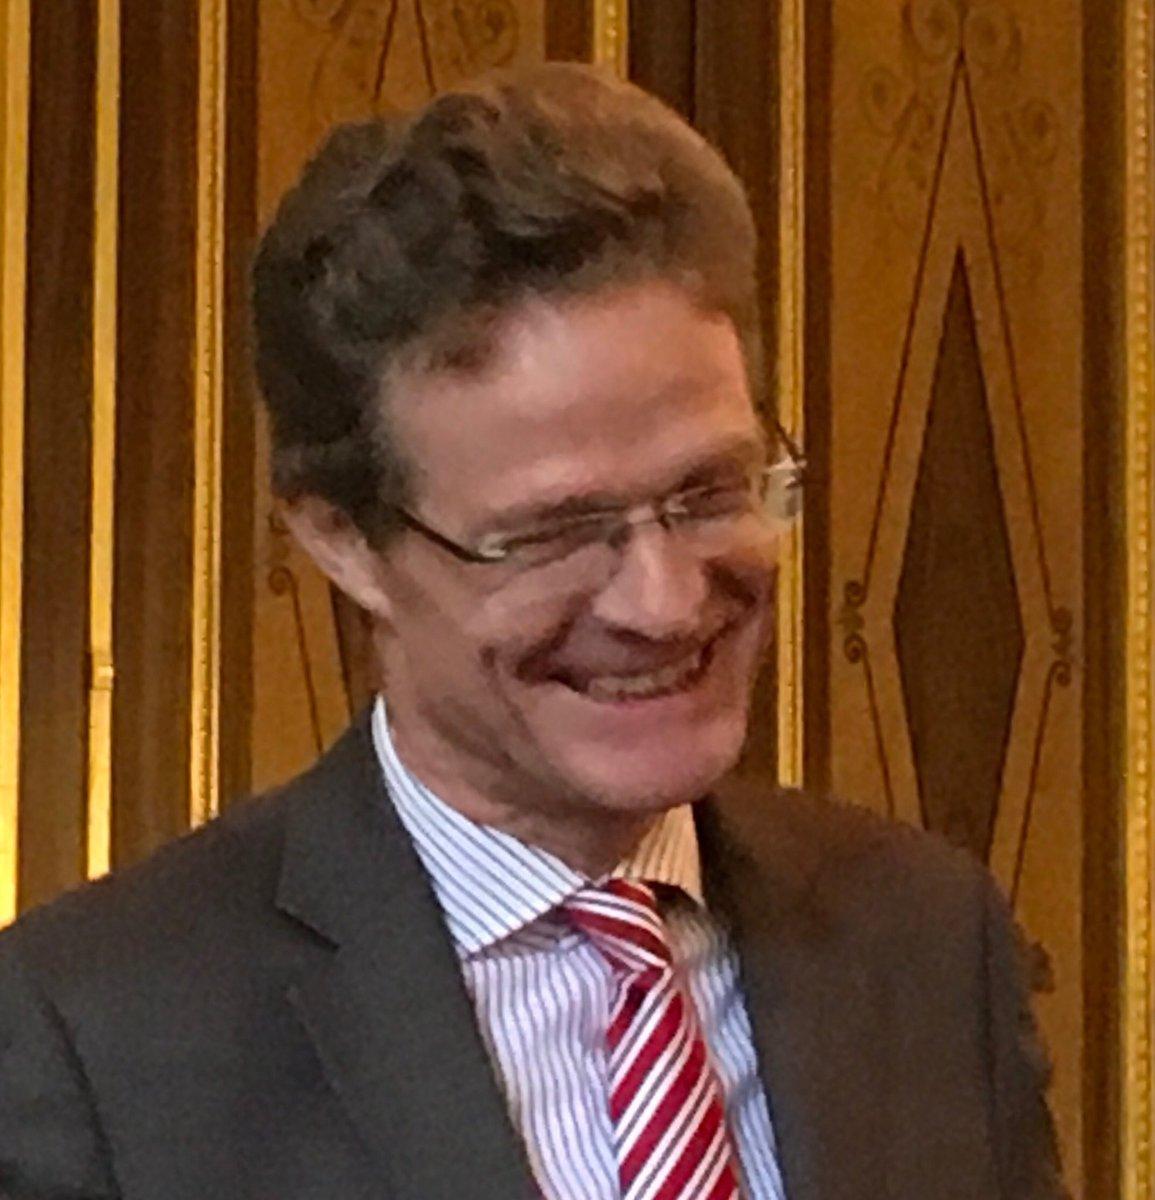 #Recherche #Audace #Persévérance, l'ambassadeur d'Allemagne à Paris fête les 350 ans de la plus ancienne entreprise pharmaceutique du monde, il évoque l'avenir et nous donne rendez-vous dans 350 ans pour fêter son 700ème anniversaire :) #CSIS #pharma